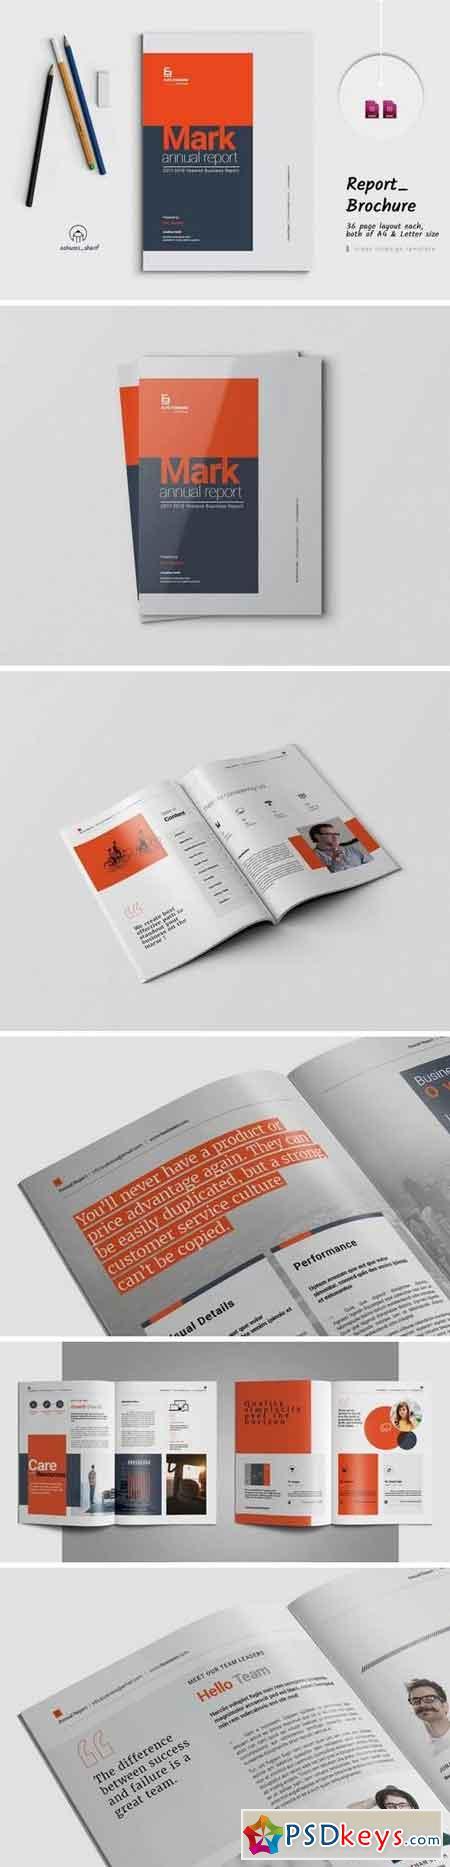 Mark Annual Report